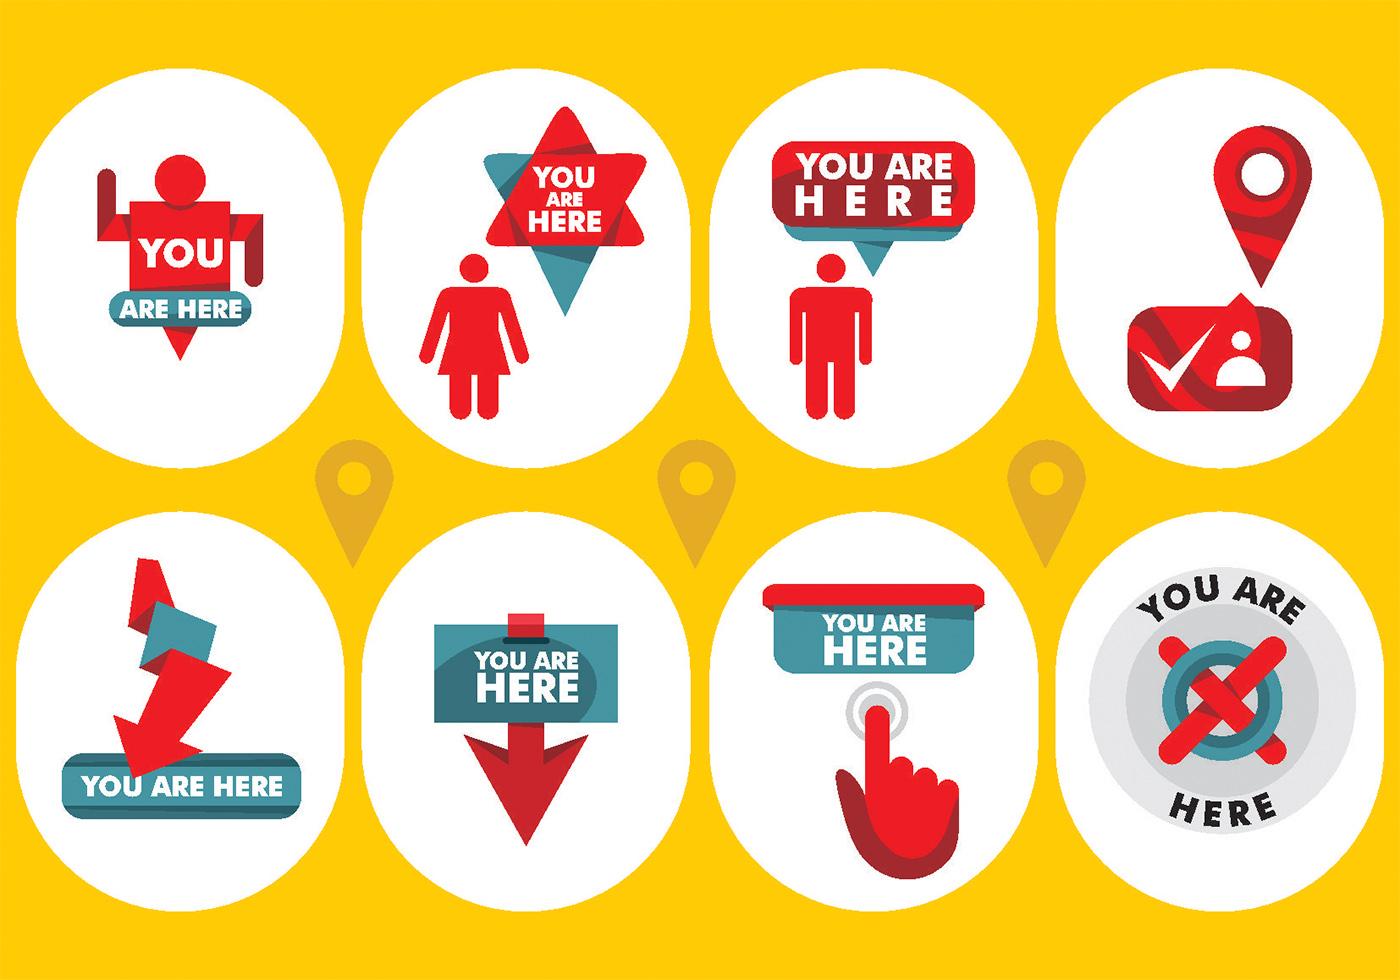 Mapa Plano Con Pin Icono De Puntero De La: Usted Está Aquí Vector Icons